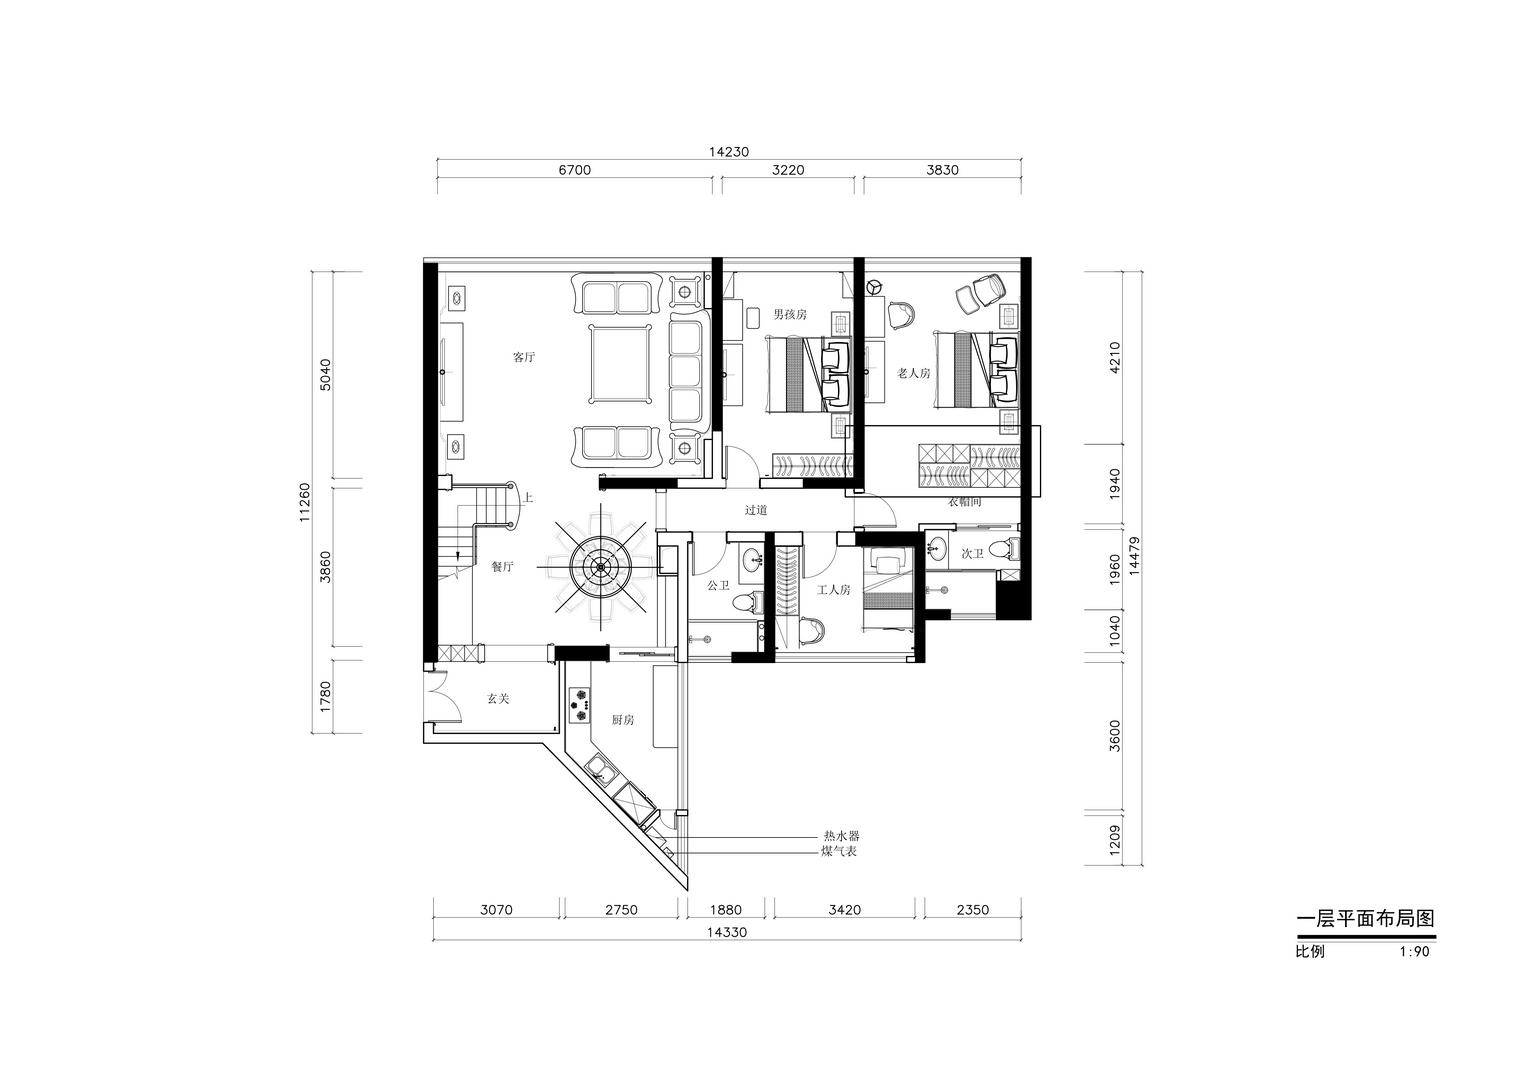 鸿业苑-现代奢华风格案例-220平米四居室装修效果图装修设计理念